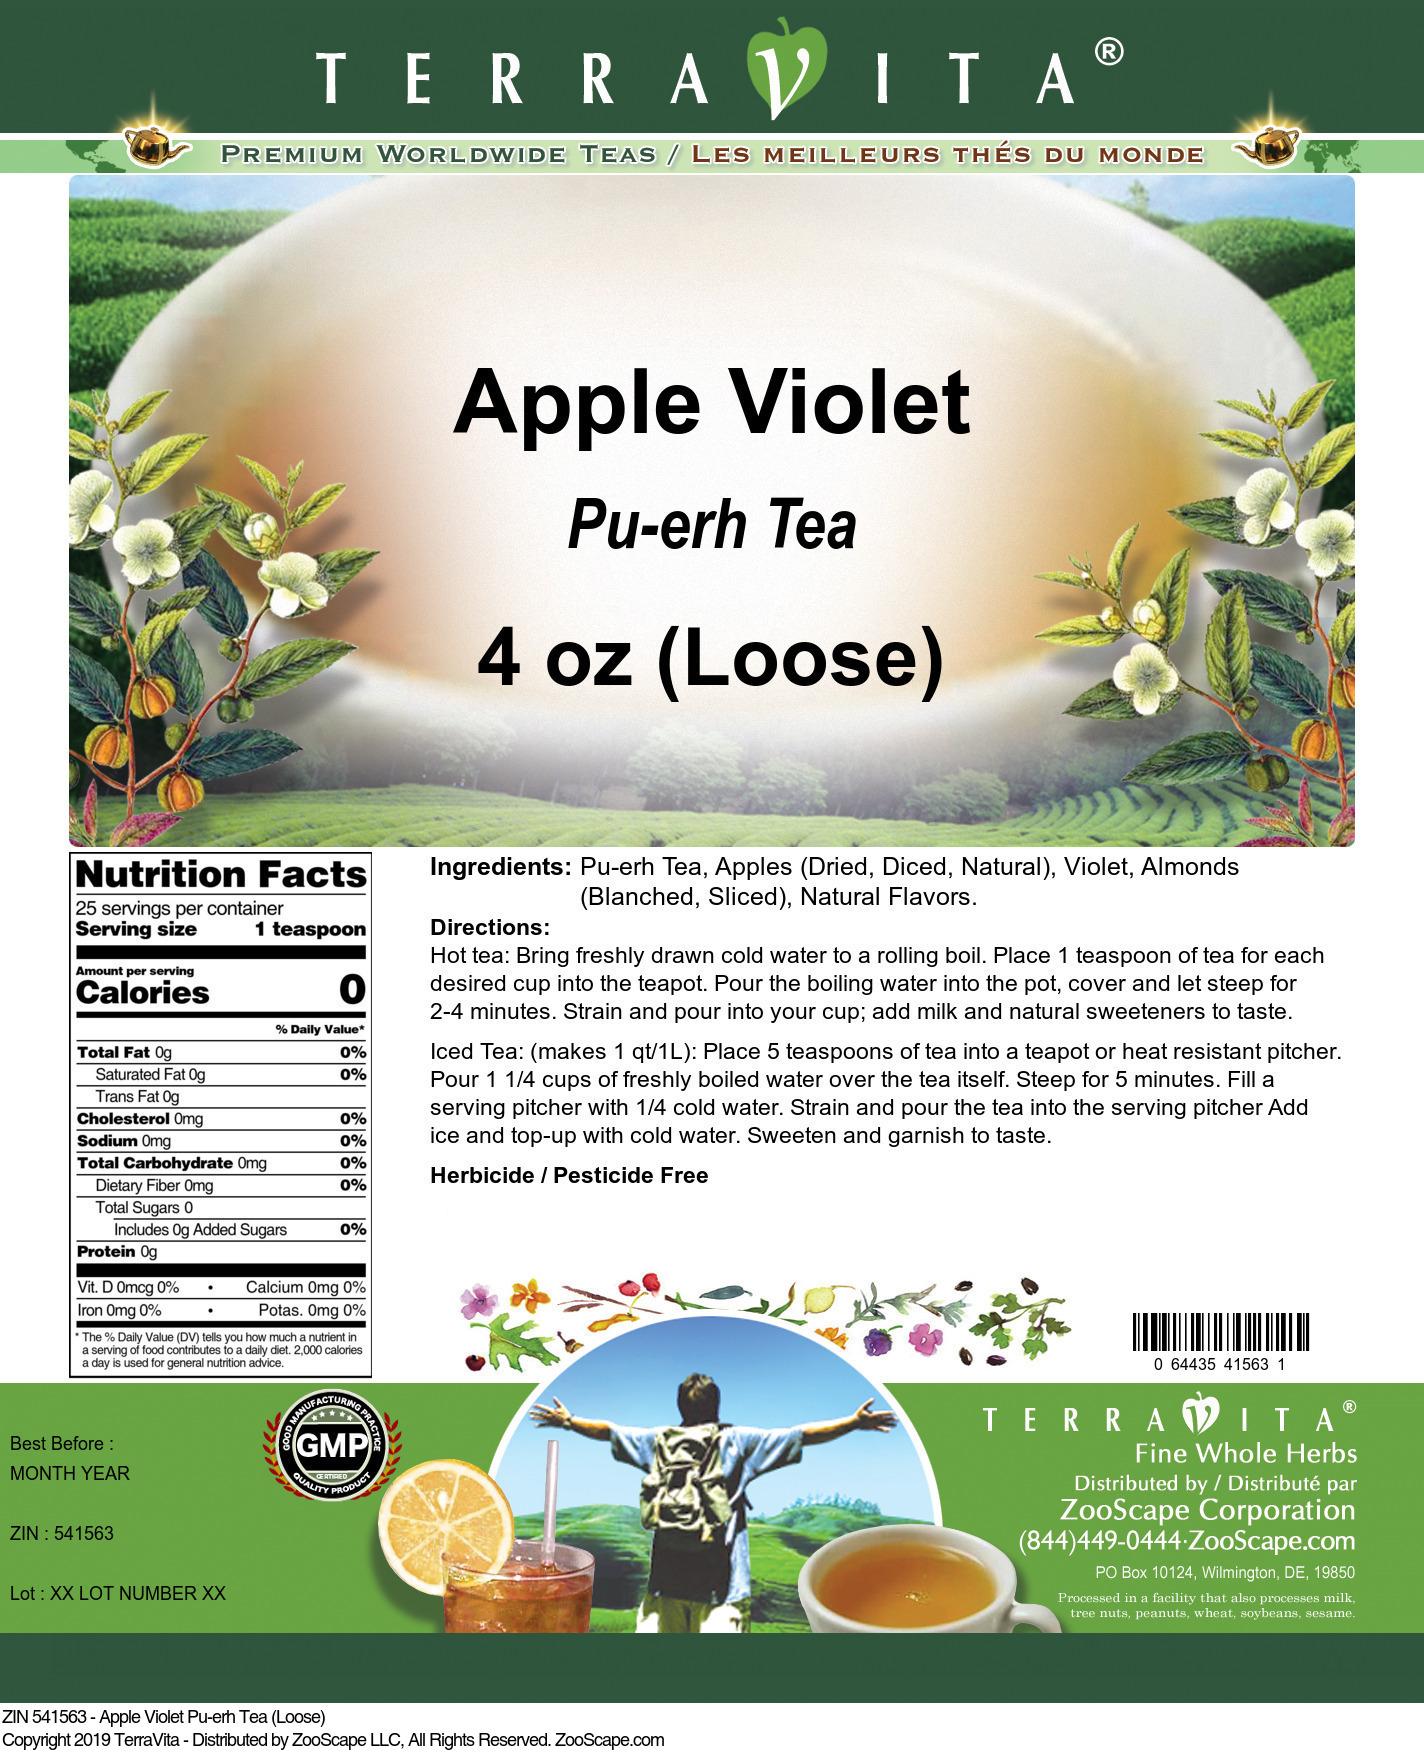 Apple Violet Pu-erh Tea (Loose)